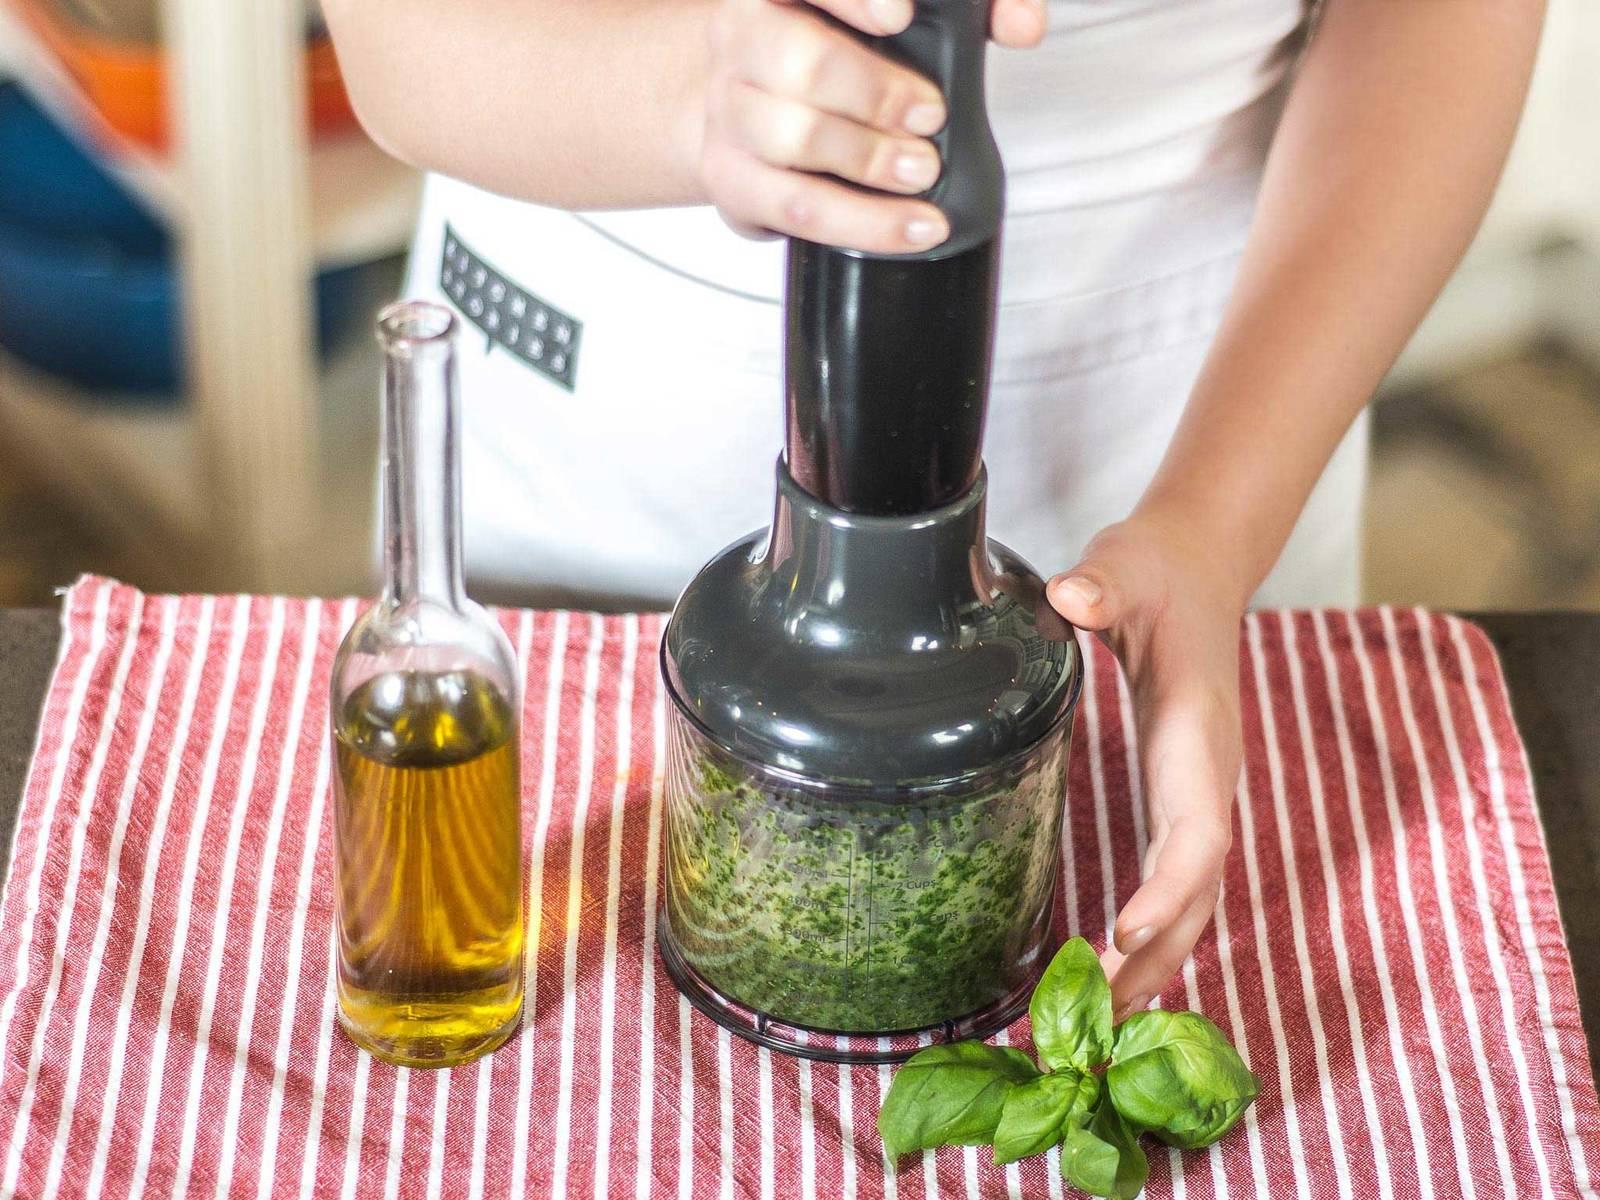 Für das Pesto Basilikum waschen, trocknen und in einer Küchenmaschine mit Pflanzenöl und Salz zerkleinern.